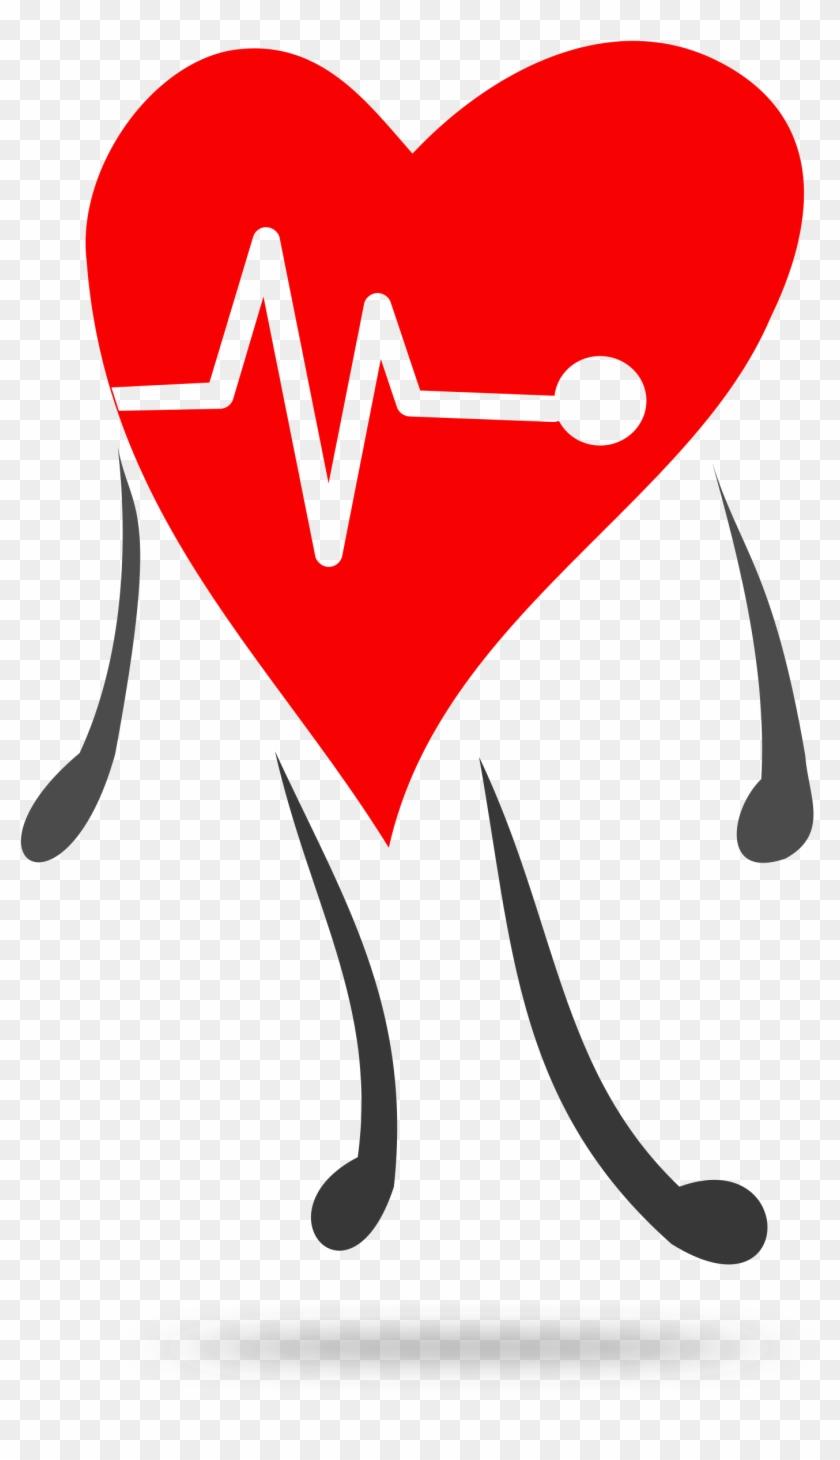 Corazon Señal - Health Symbol #89705